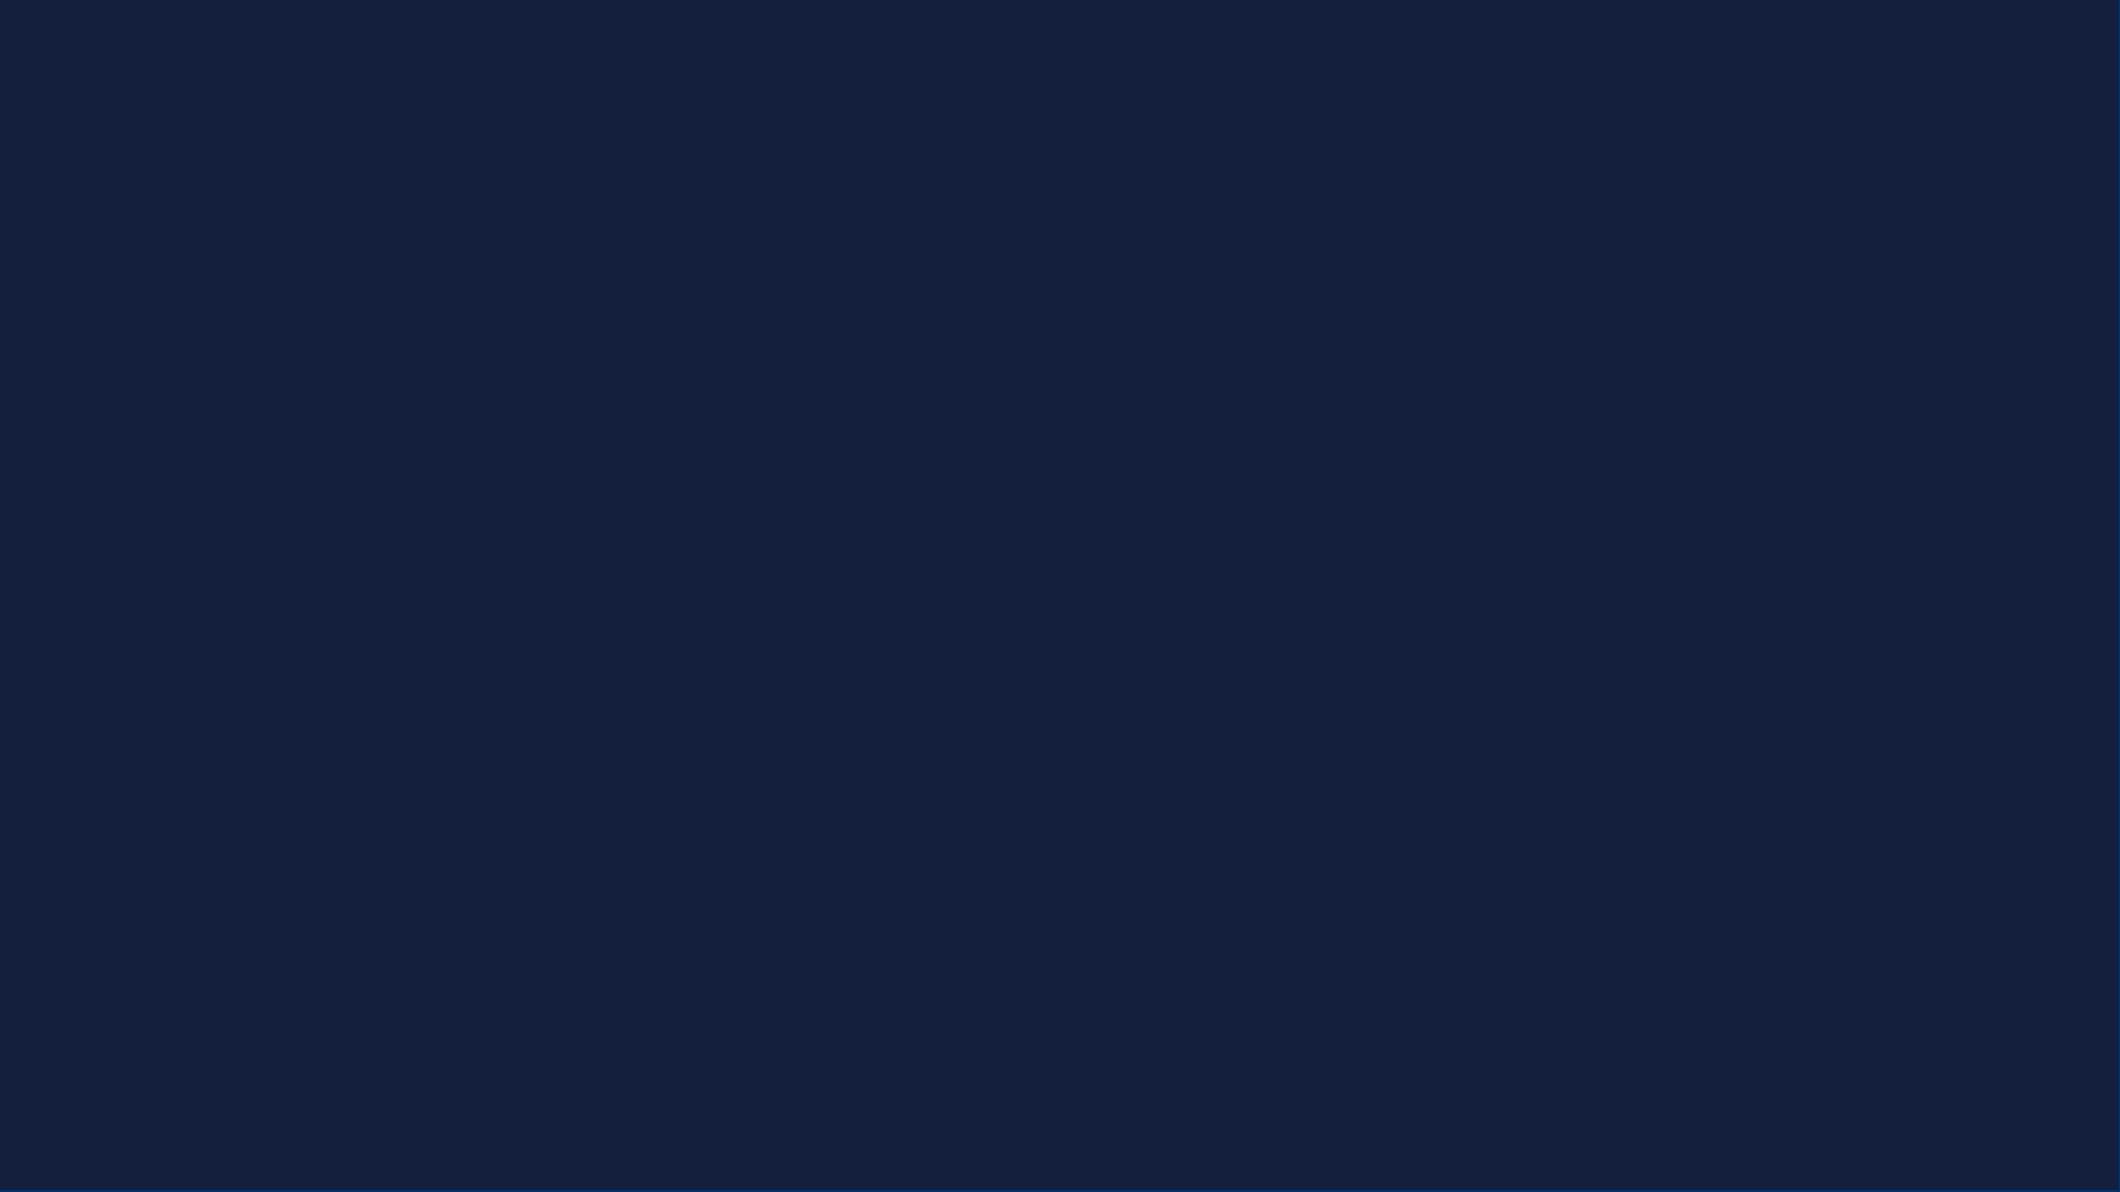 3600x2400px Dark Blue Background Wallpaper   #347583